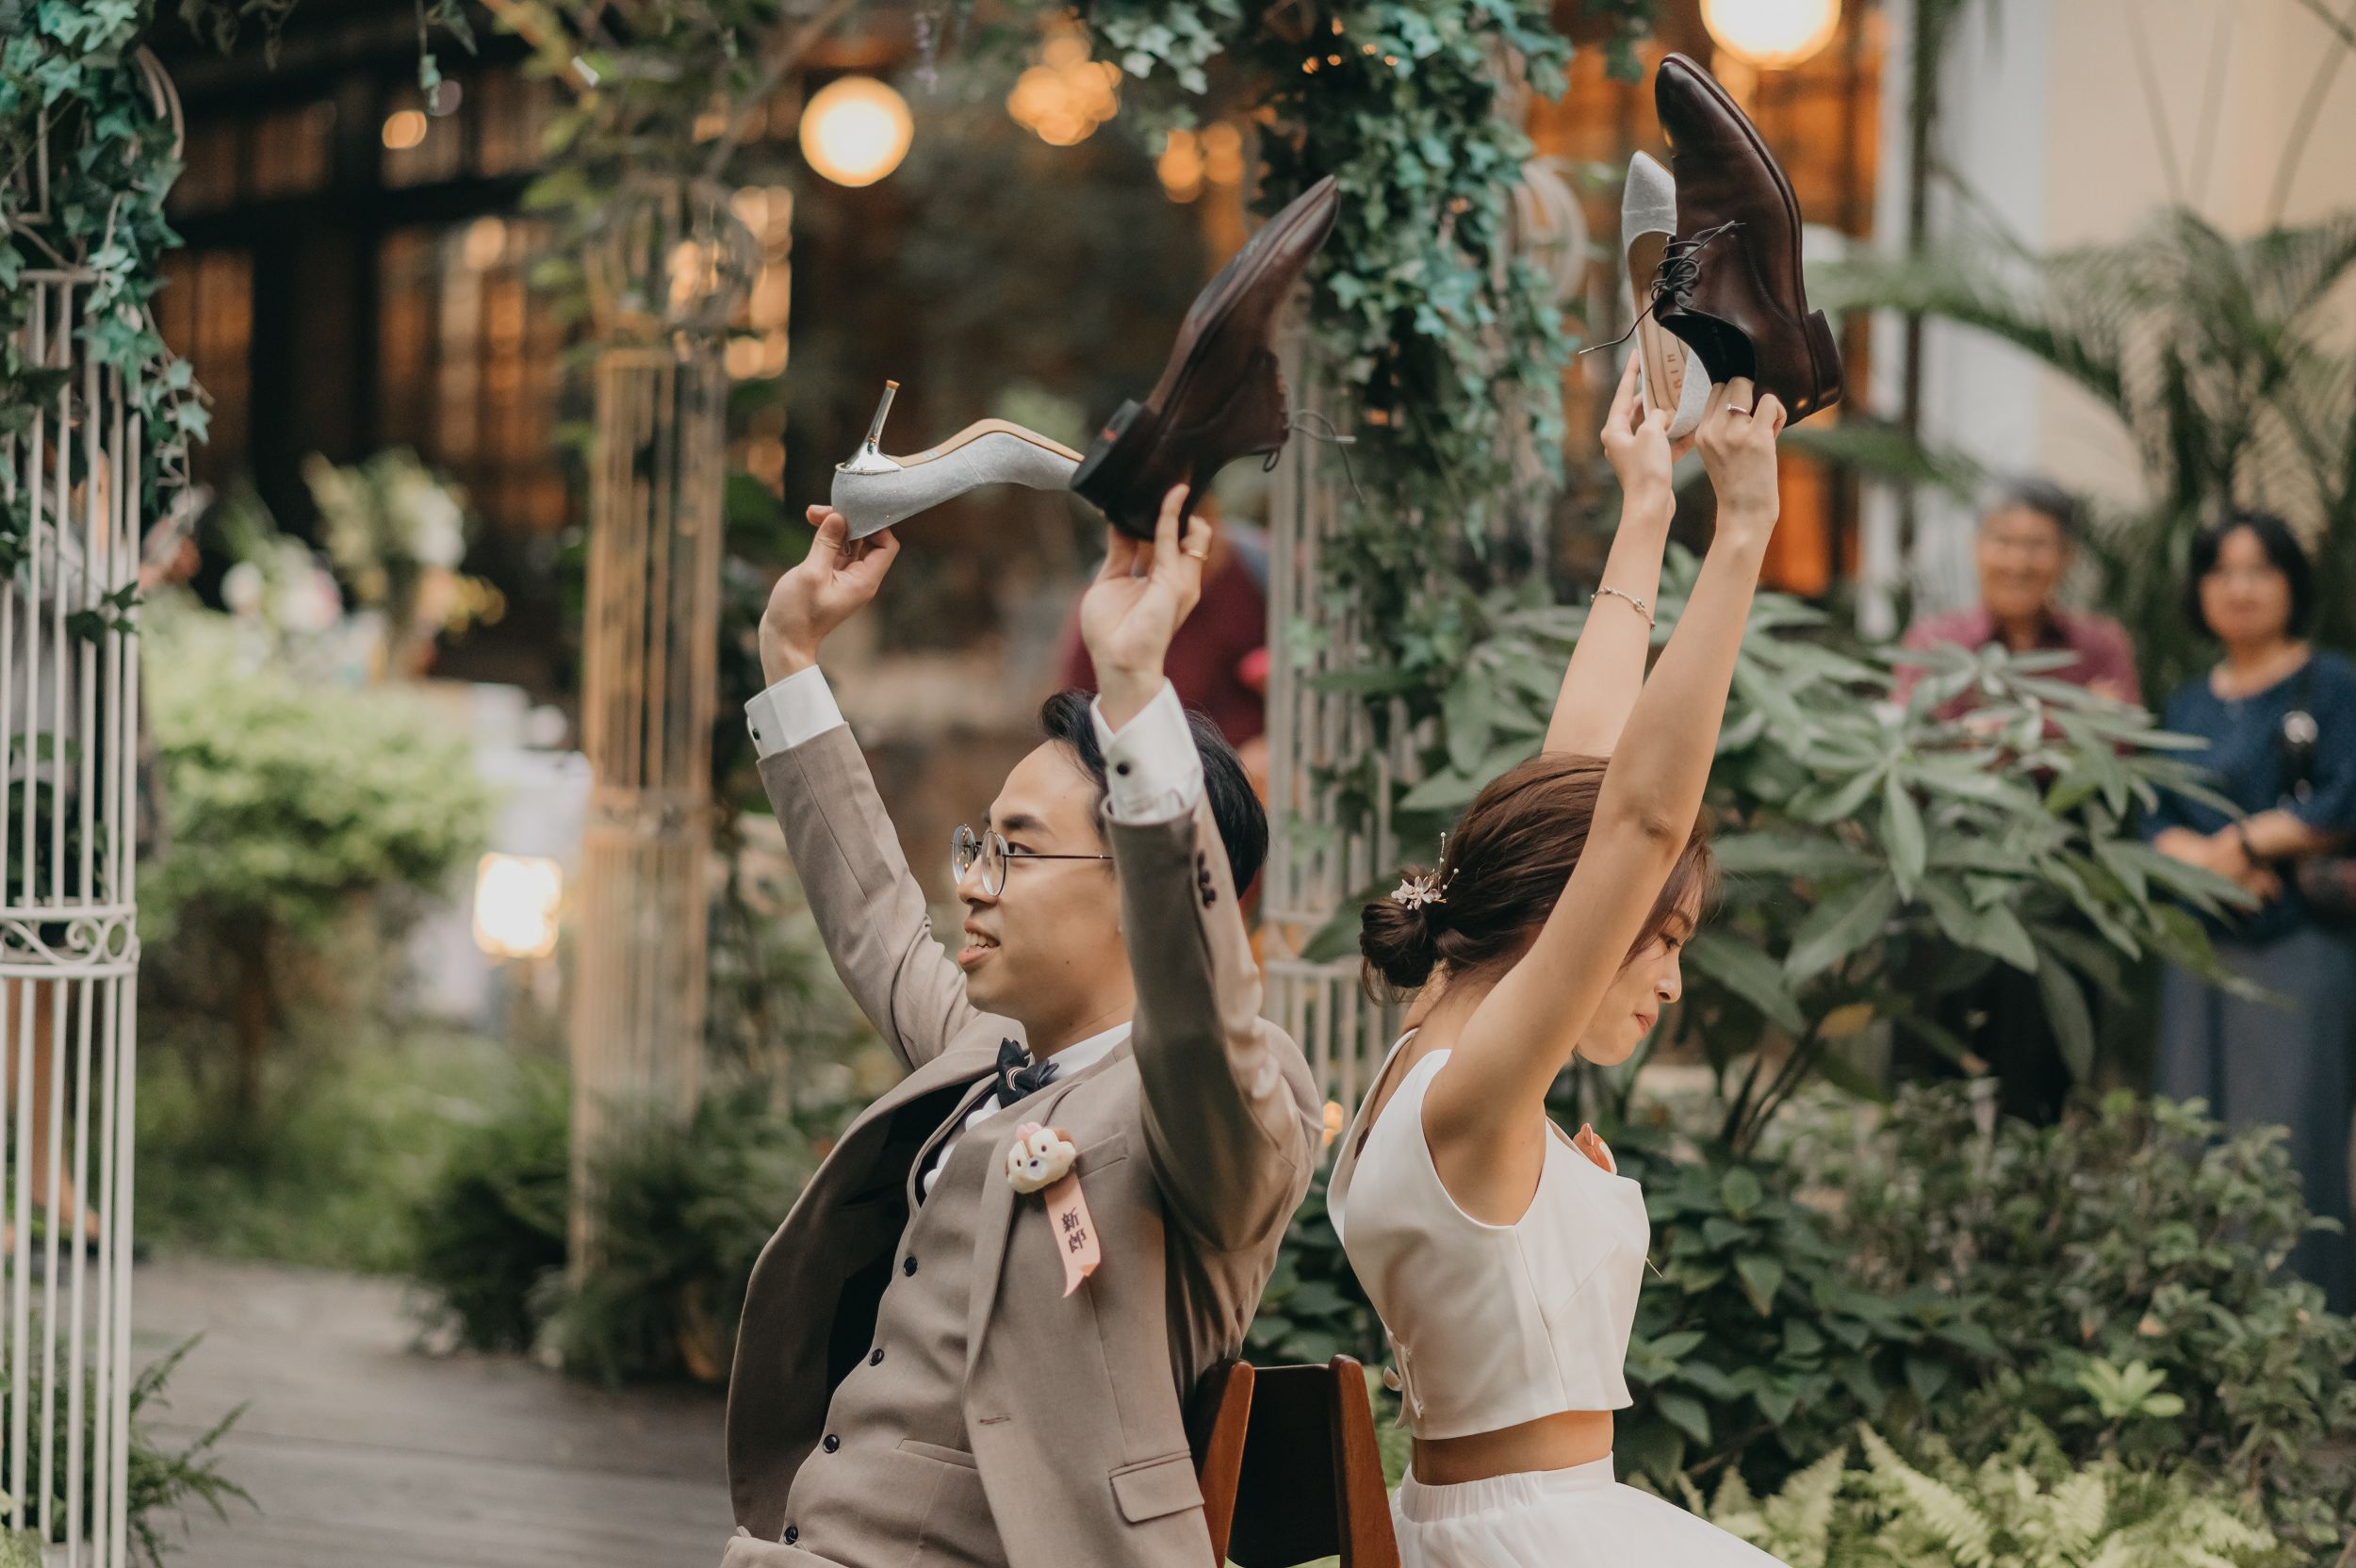 婚禮紀錄,婚禮紀實,婚禮,攝影,攝影師,雙機攝影,孫立人將軍官邸,晚宴,類婚紗,美式婚紗,婚禮遊戲,全家福,交換誓詞,儀式,拜別父母,